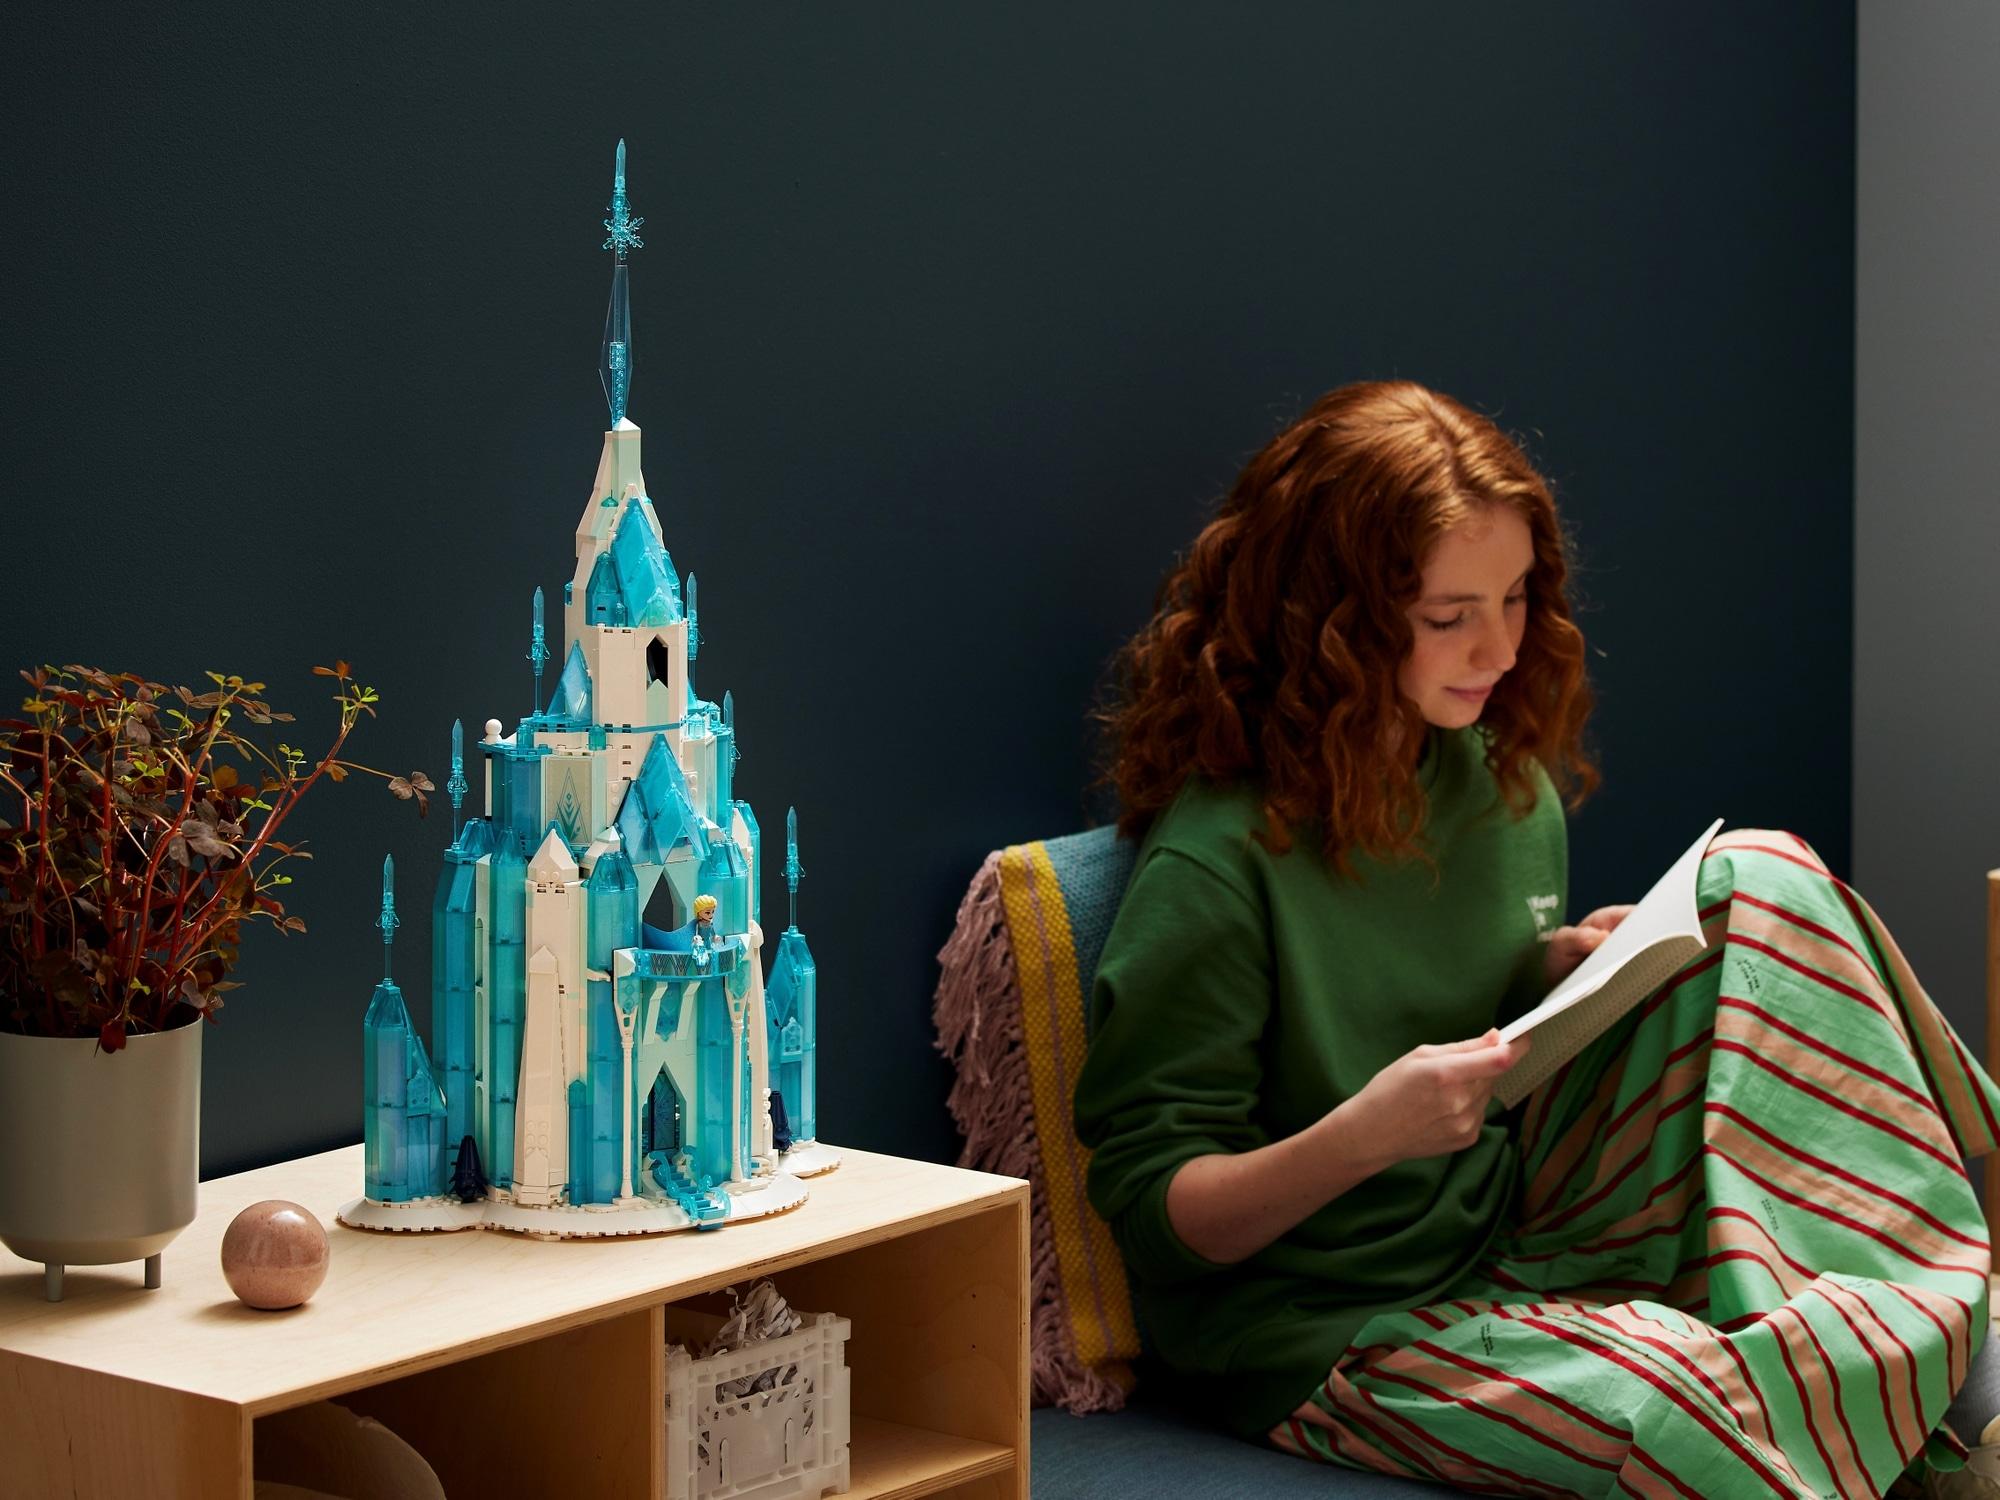 レゴアナ雪『43197 アナ雪アイス・キャッスル』新製品情報:2021年5月発売見込み